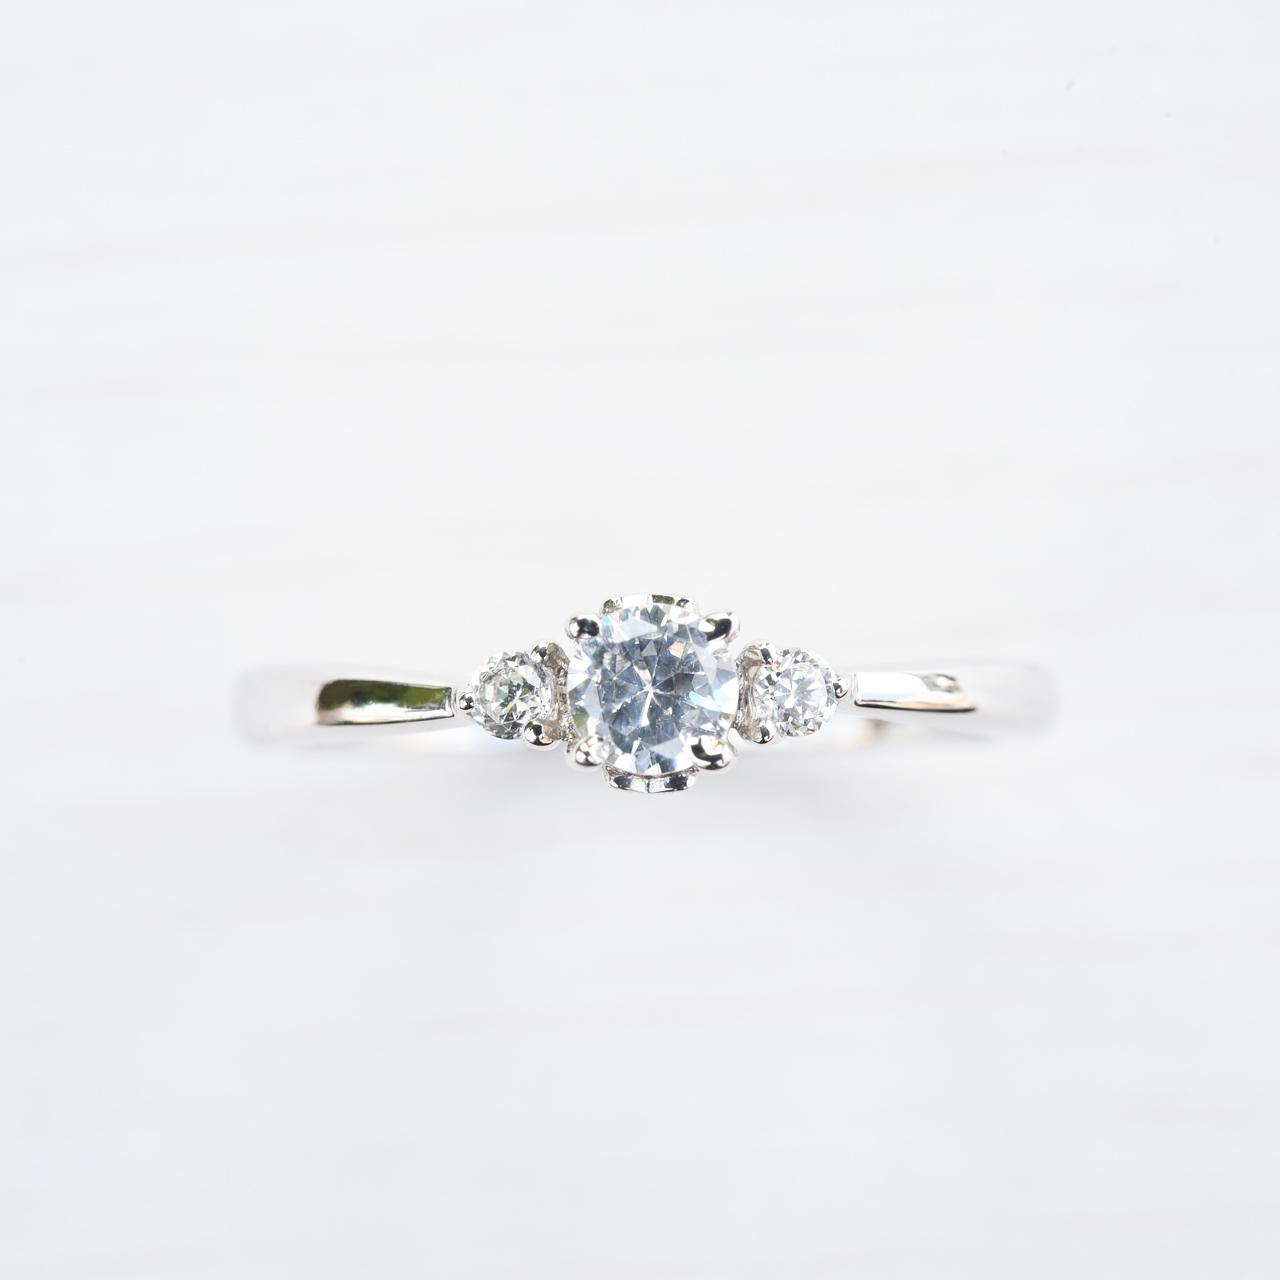 控えめな彼女に贈る婚約指輪♡